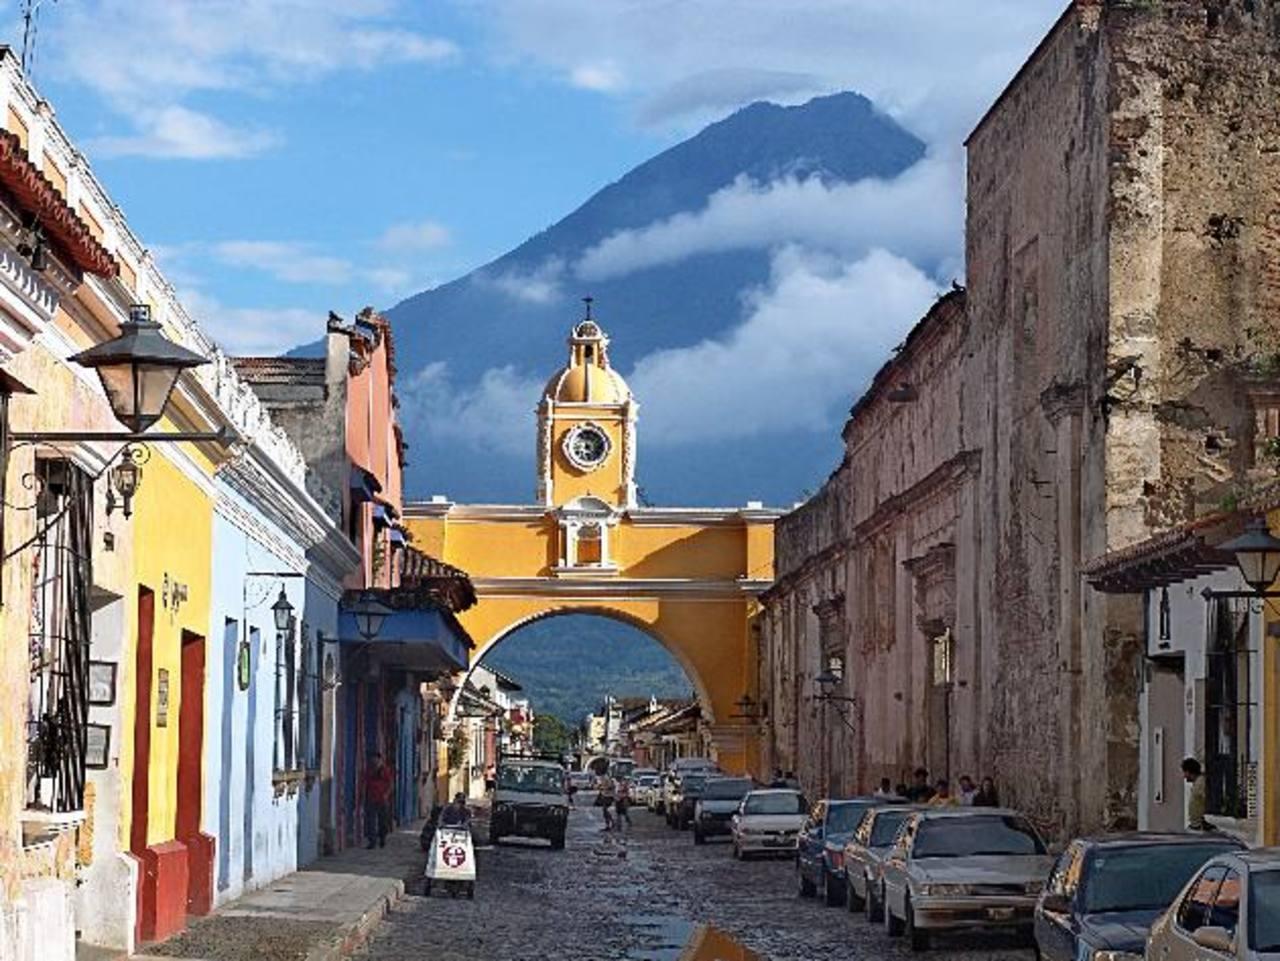 La fiscalía de Guatemala busca construir una política criminal del Estado.